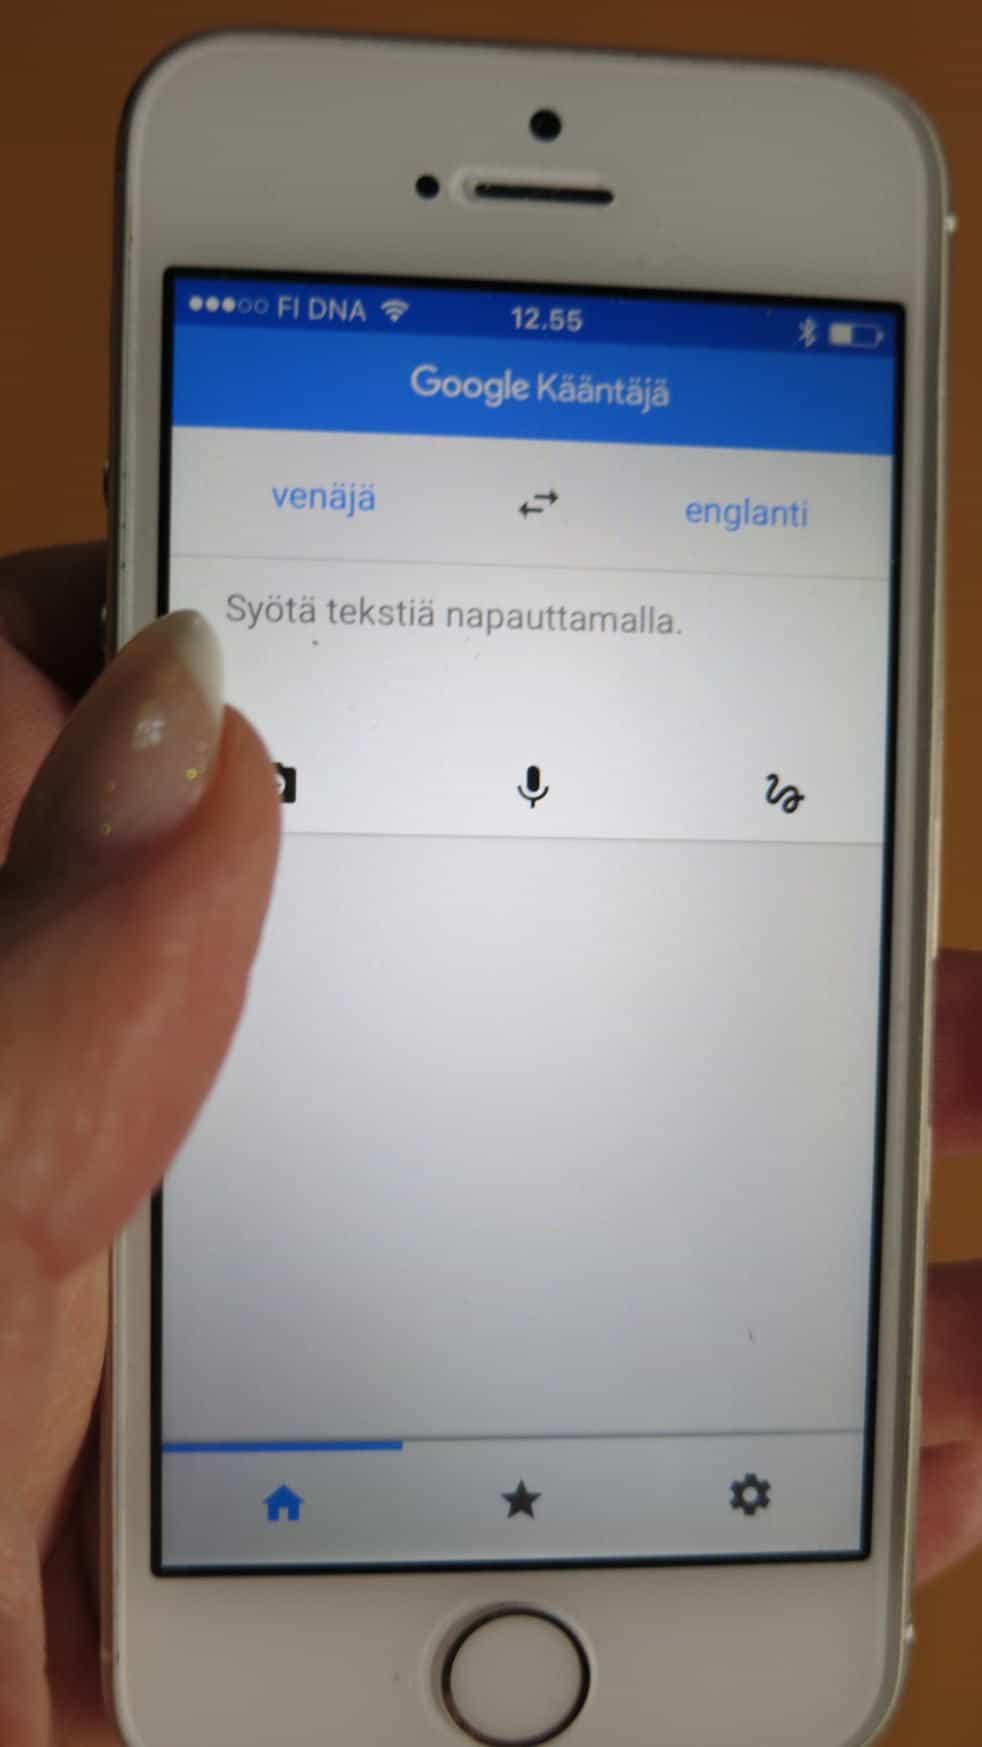 Google Kääntääj